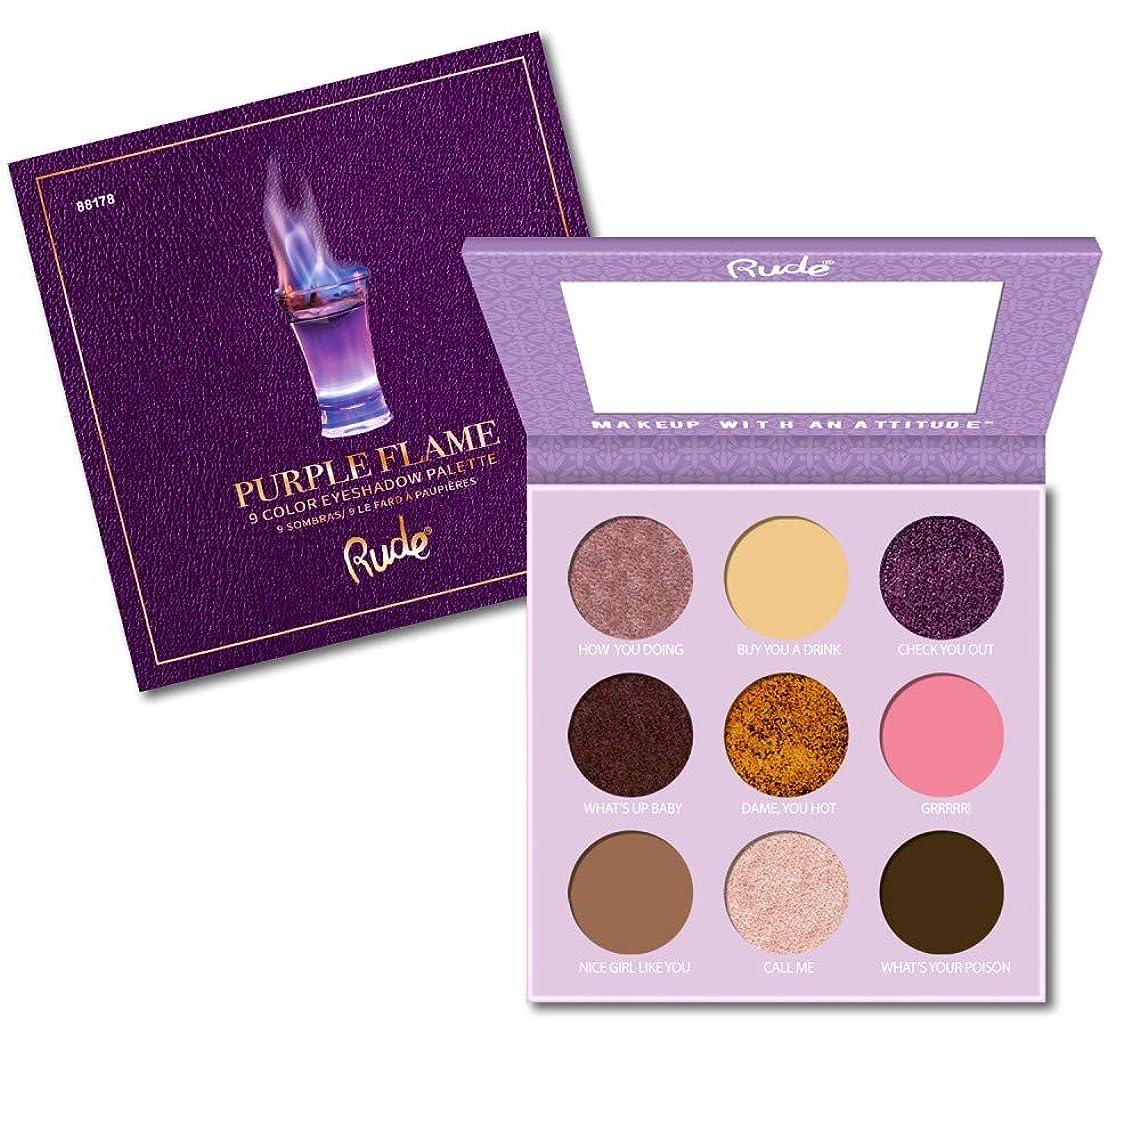 不完全な遅れ広告主(3 Pack) RUDE Cocktail Party 9 Color Eyeshadow Palette - Purple Flame (並行輸入品)